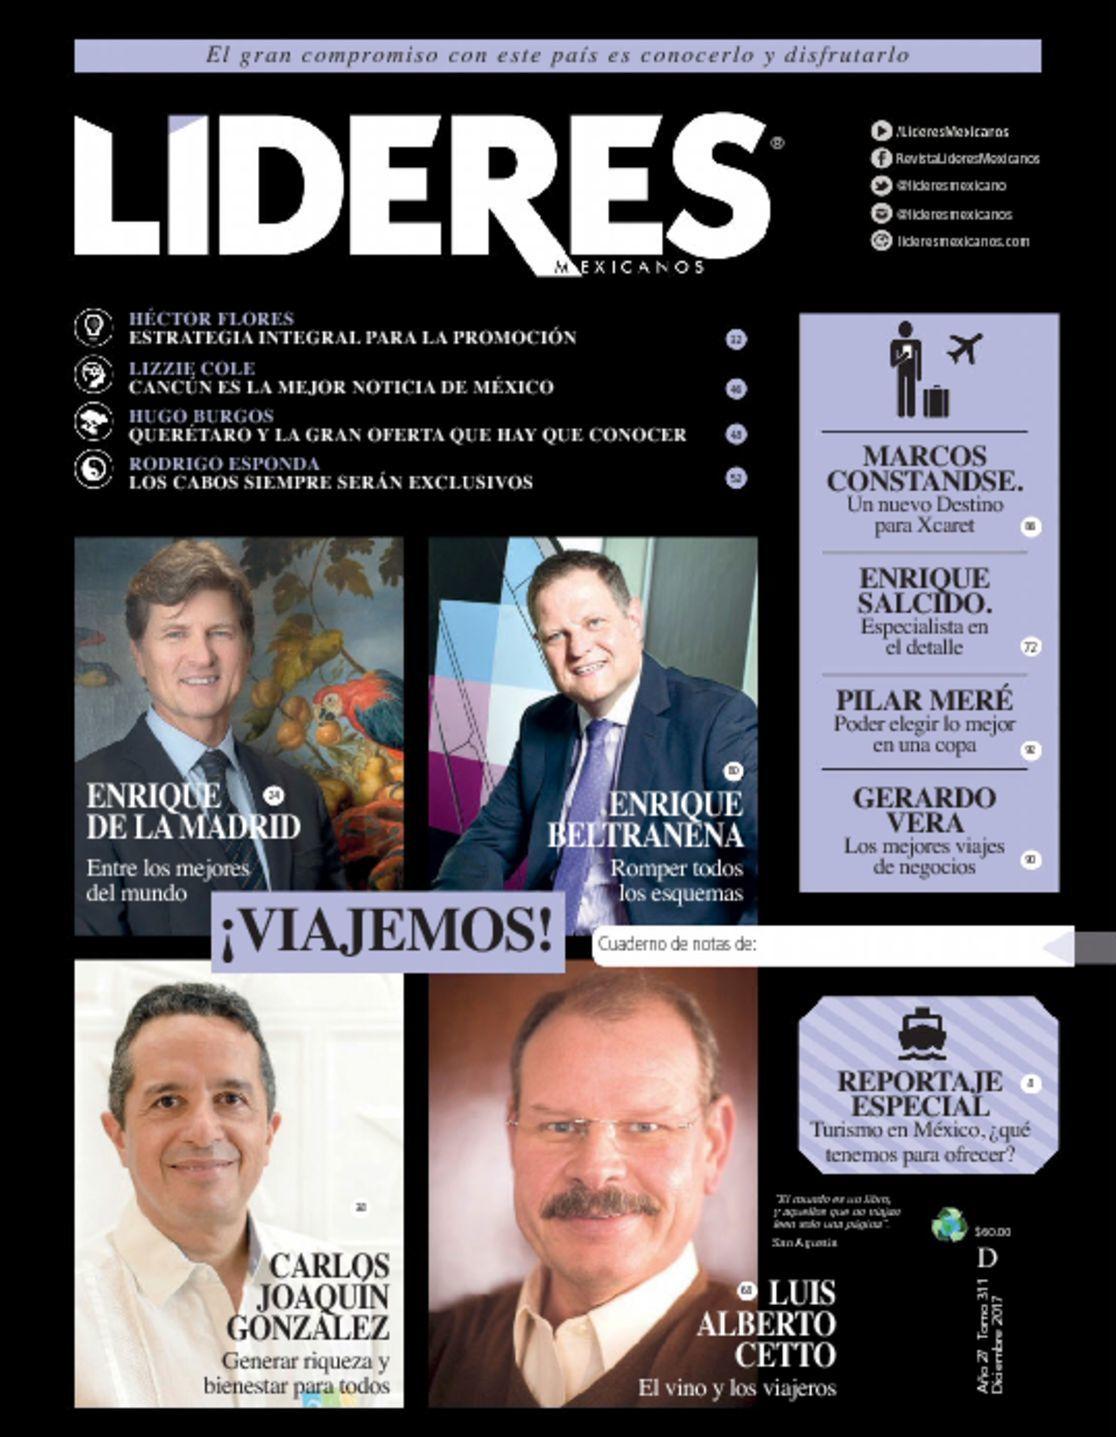 Líderes Mexicanos Special Editions Digital